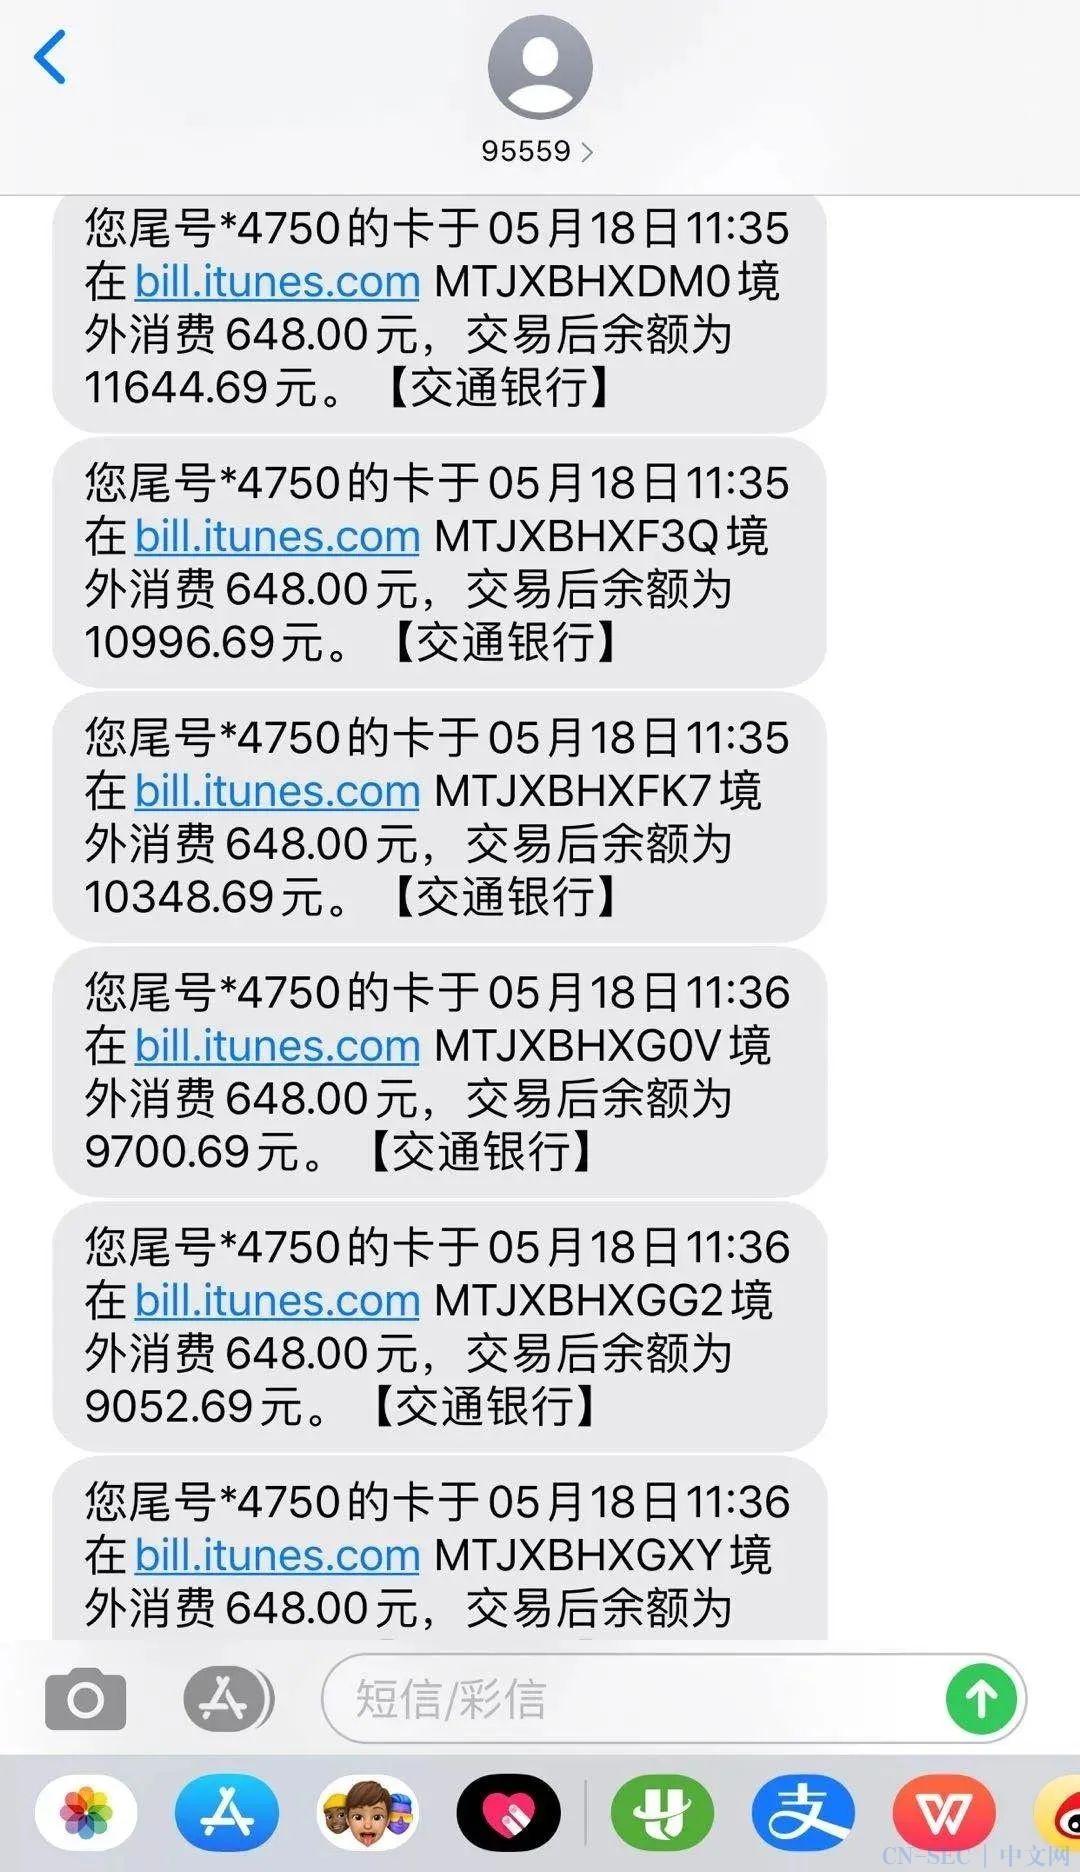 你永远不知道:一条钓鱼短信的背后,有多少骗子在努力!